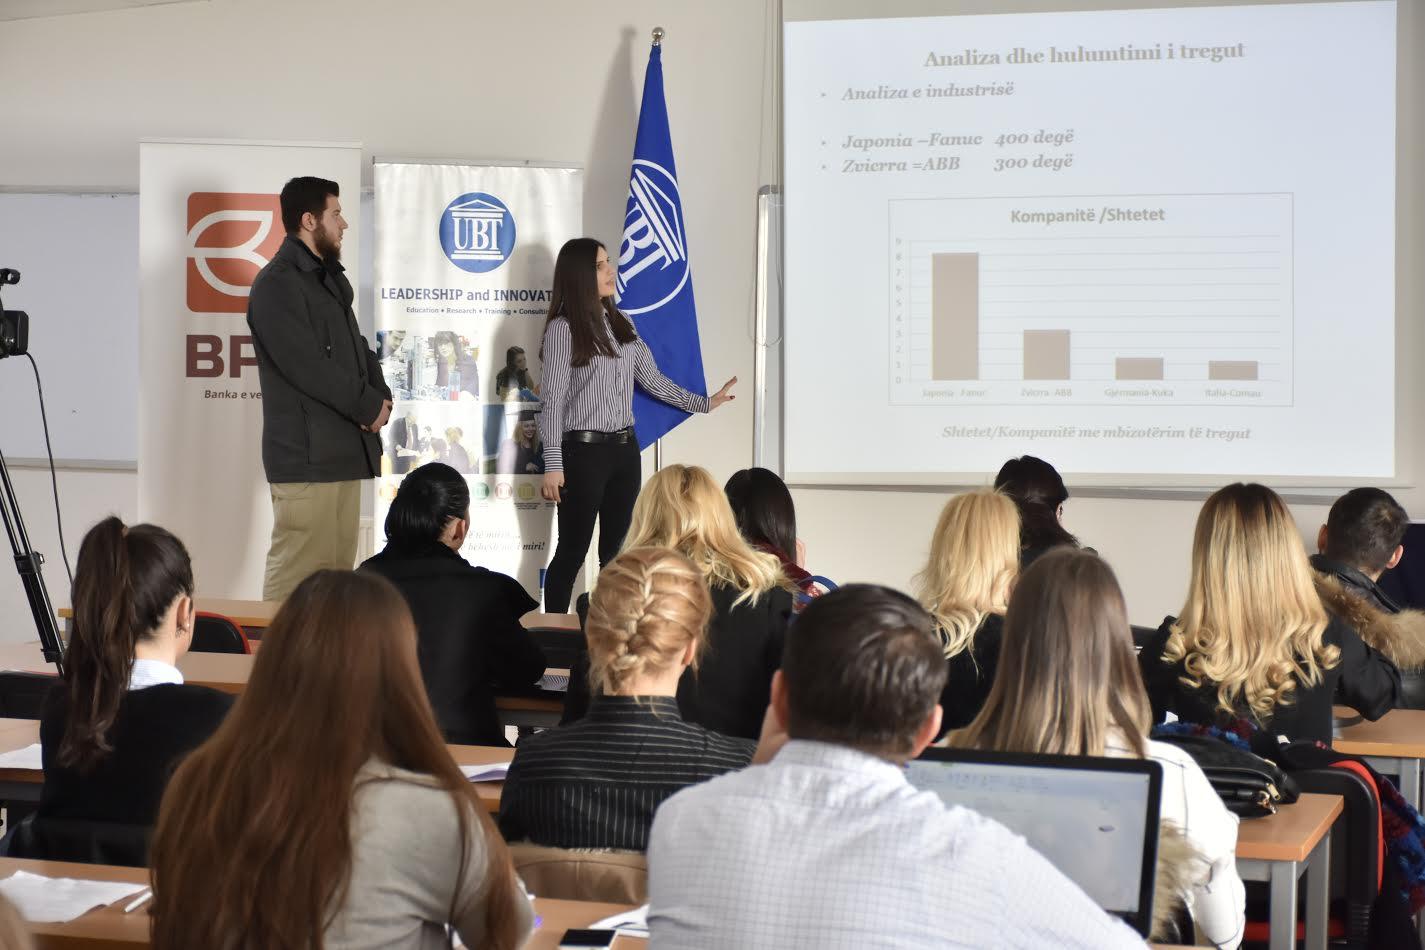 Projektet e studentëve të UBT-së, të zbatueshme edhe në praktikë